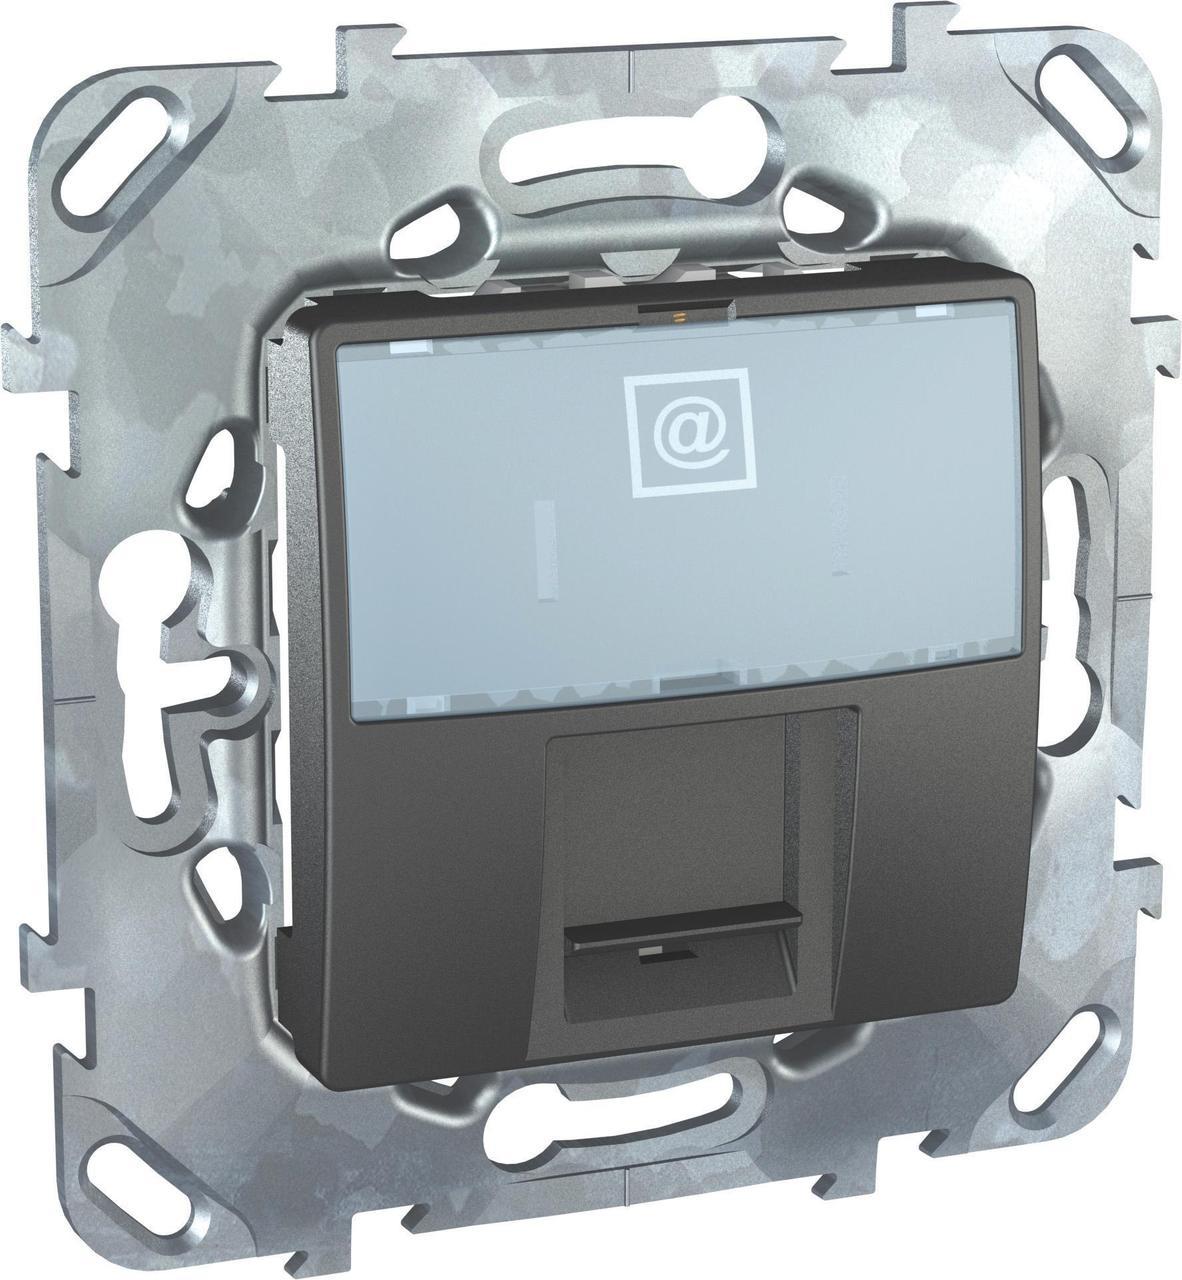 Розетка компьютерная 1-ая кат.6, RJ-45 (интернет) , Графит, серия UNICA TOP/CLASS, Schneider Electric